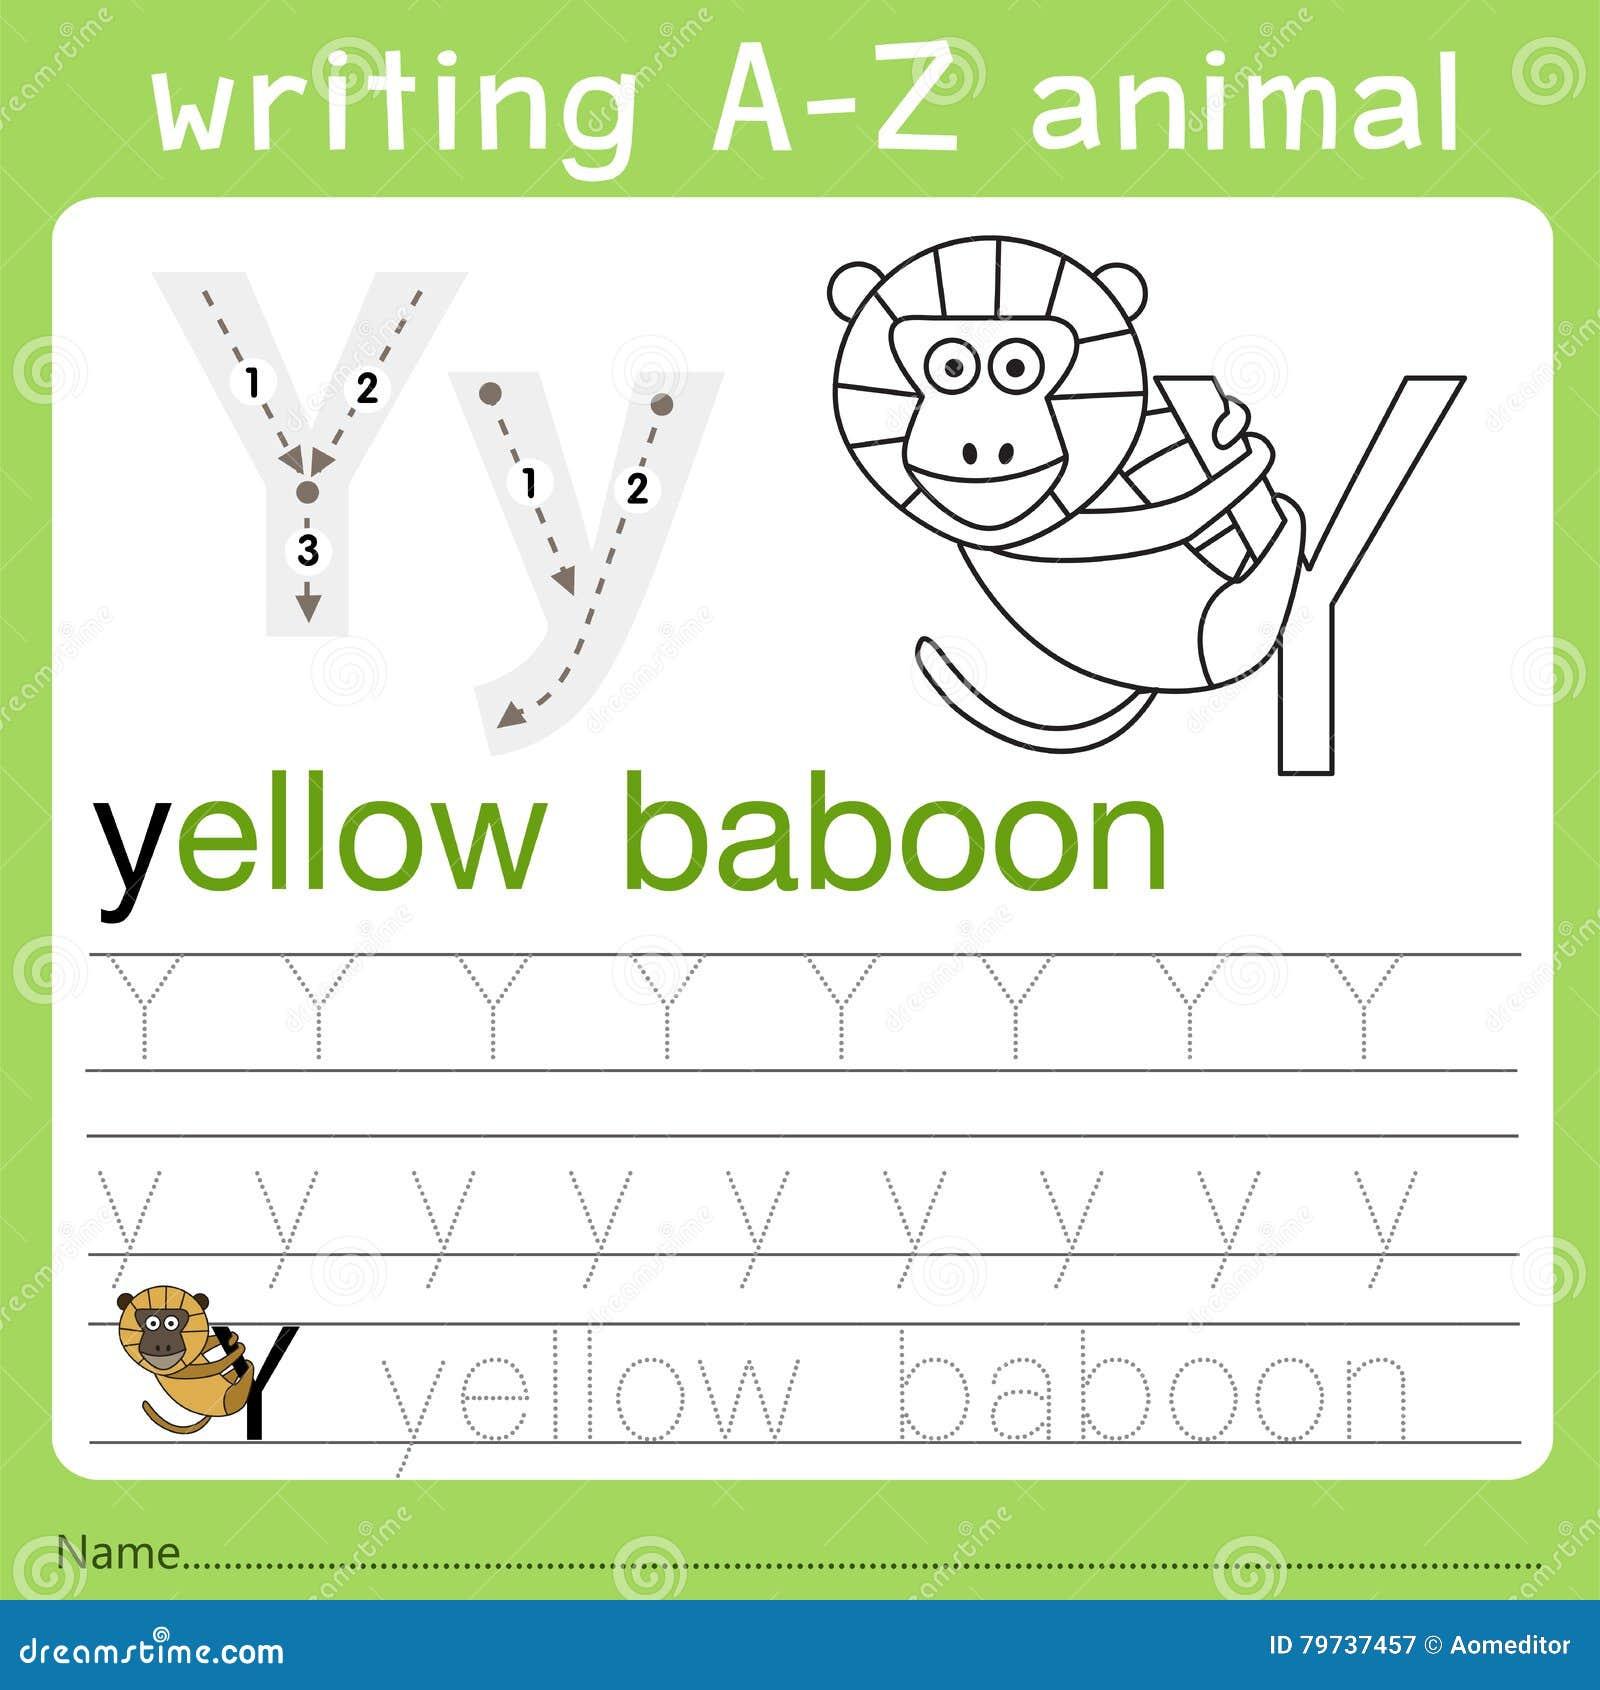 Illustrator del animal y del a-z de la escritura